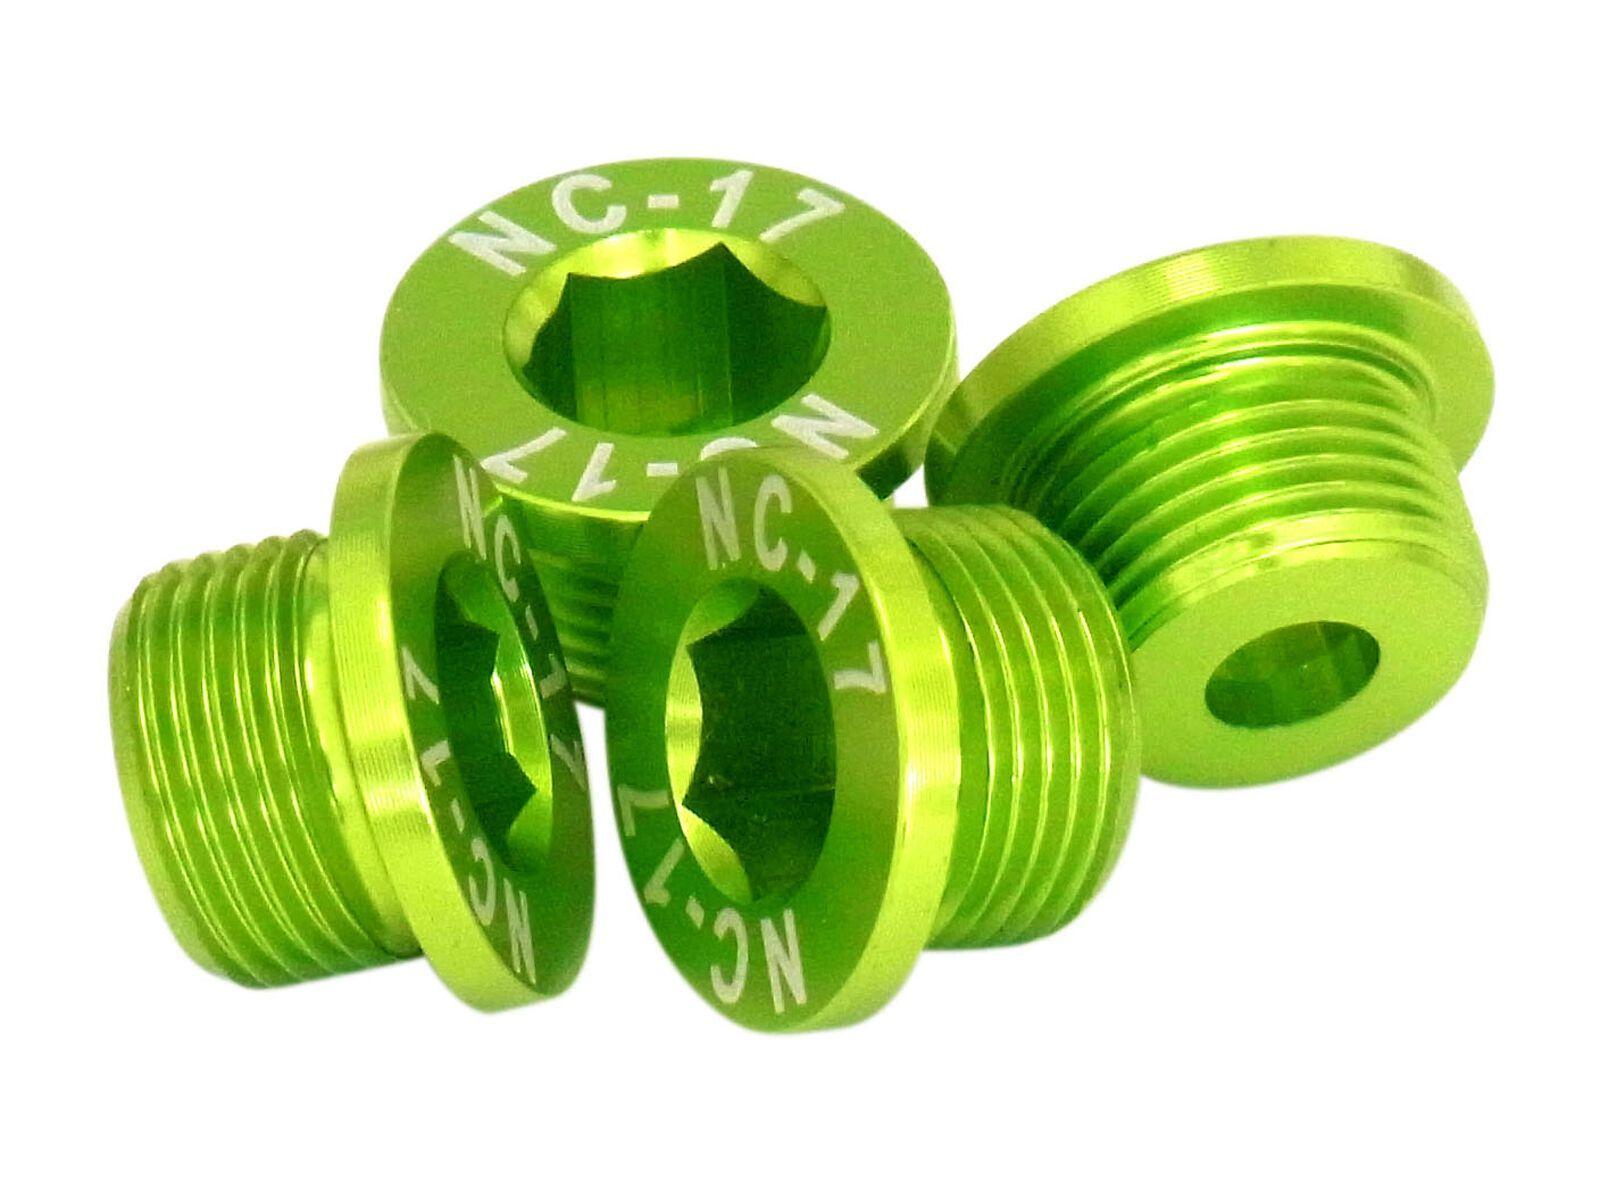 NC-17 M10 Kettenblattschraube für Sram 2-fach Kurbeln, green 8088